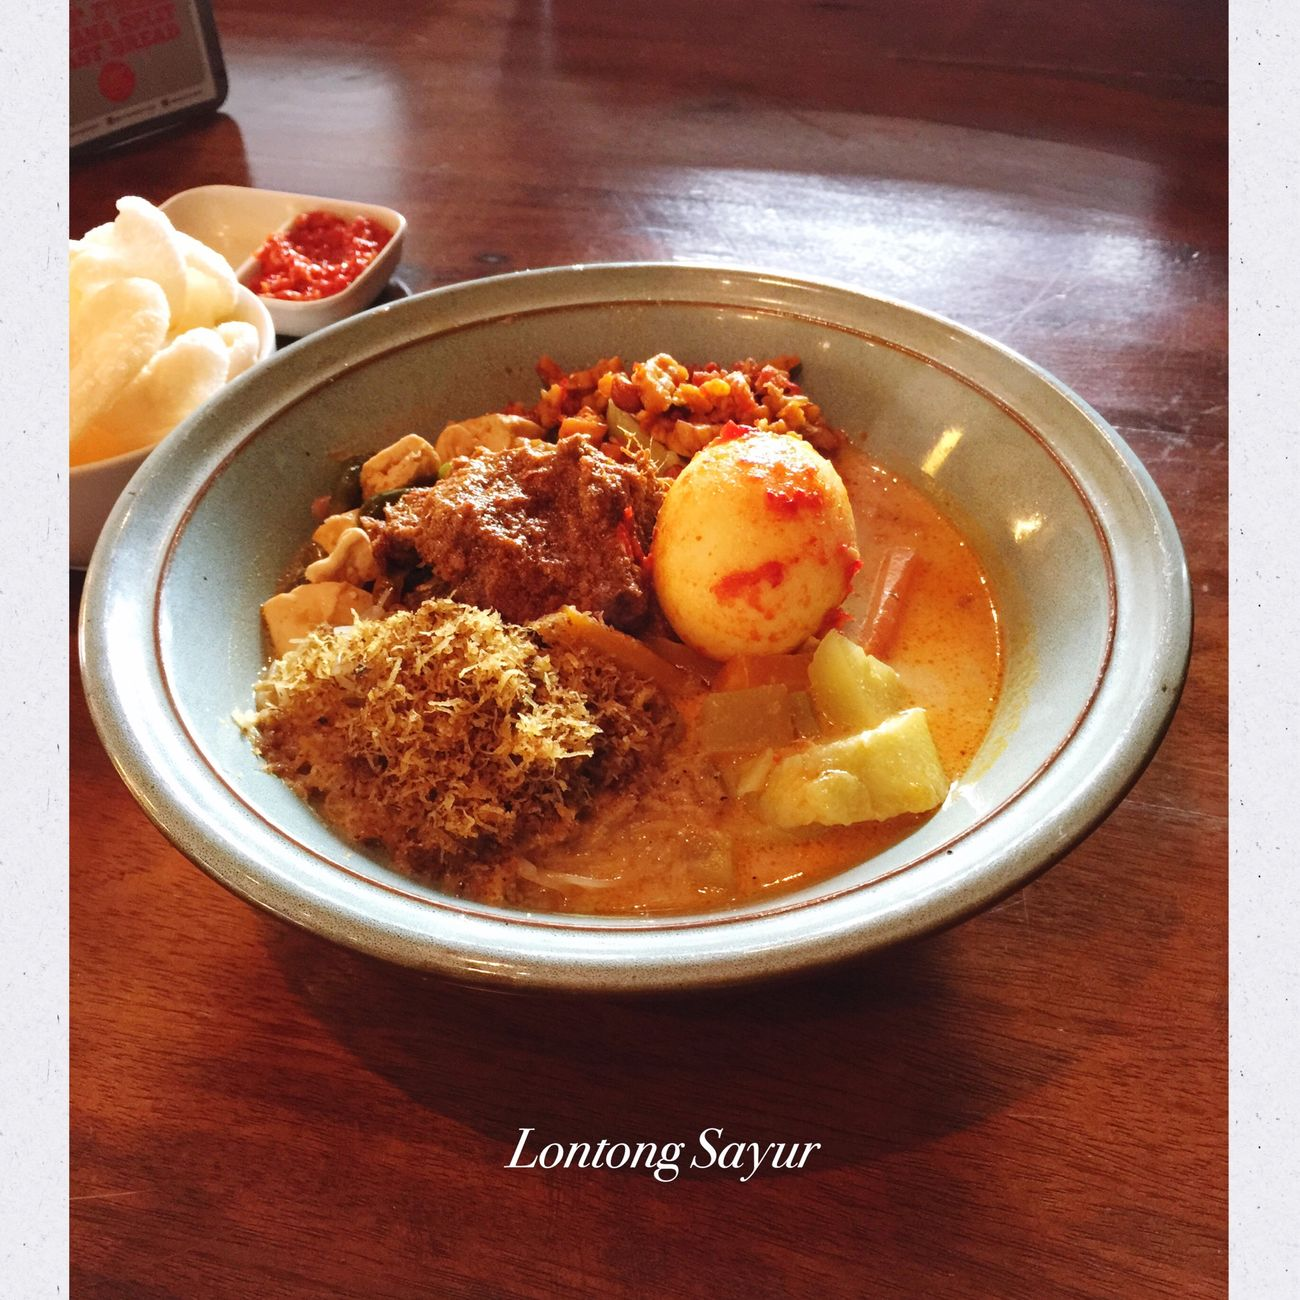 Lontong Sayur - Warung 100 Hari (Urban Kitchen) Foodgasm Foodporn Food Indonesianfood Traditional